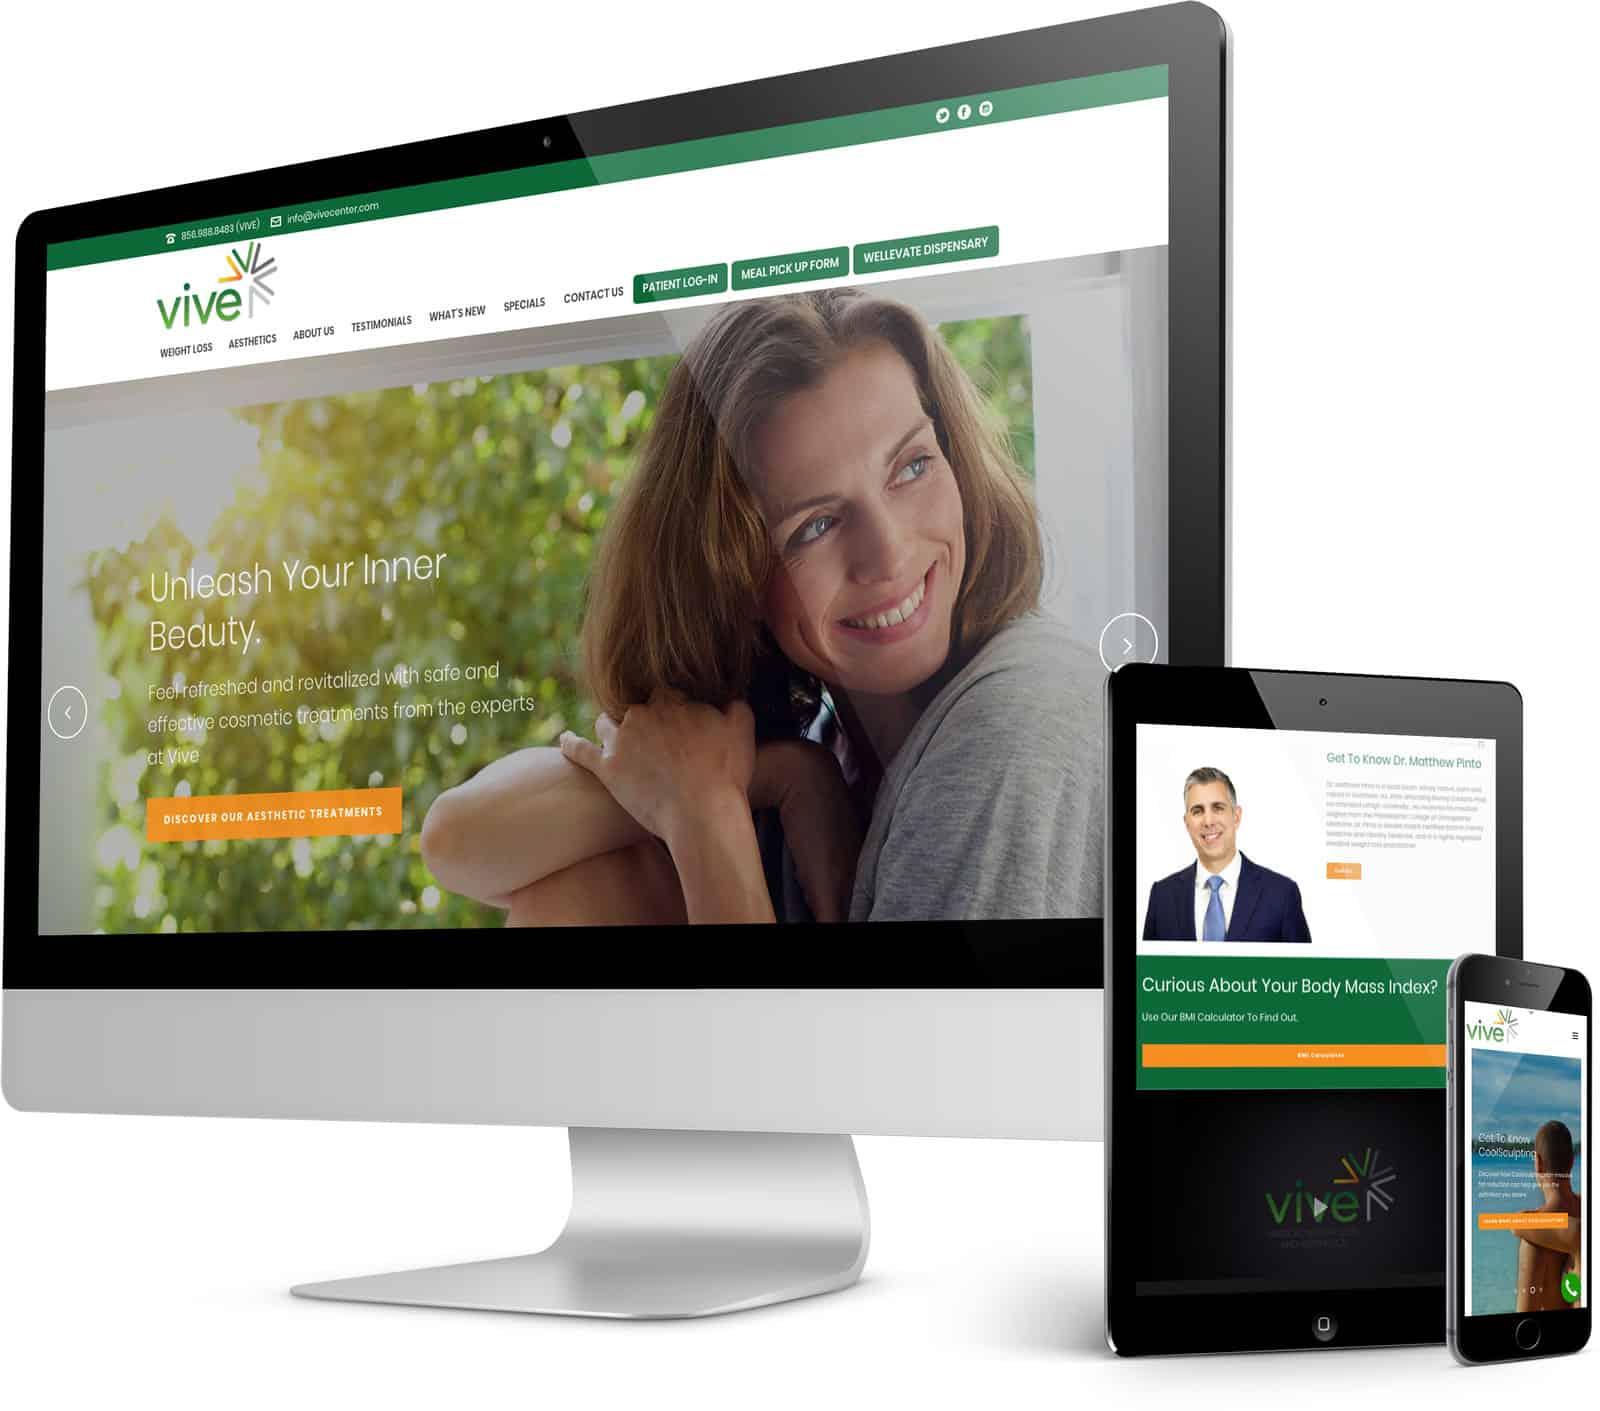 vive-webmockup